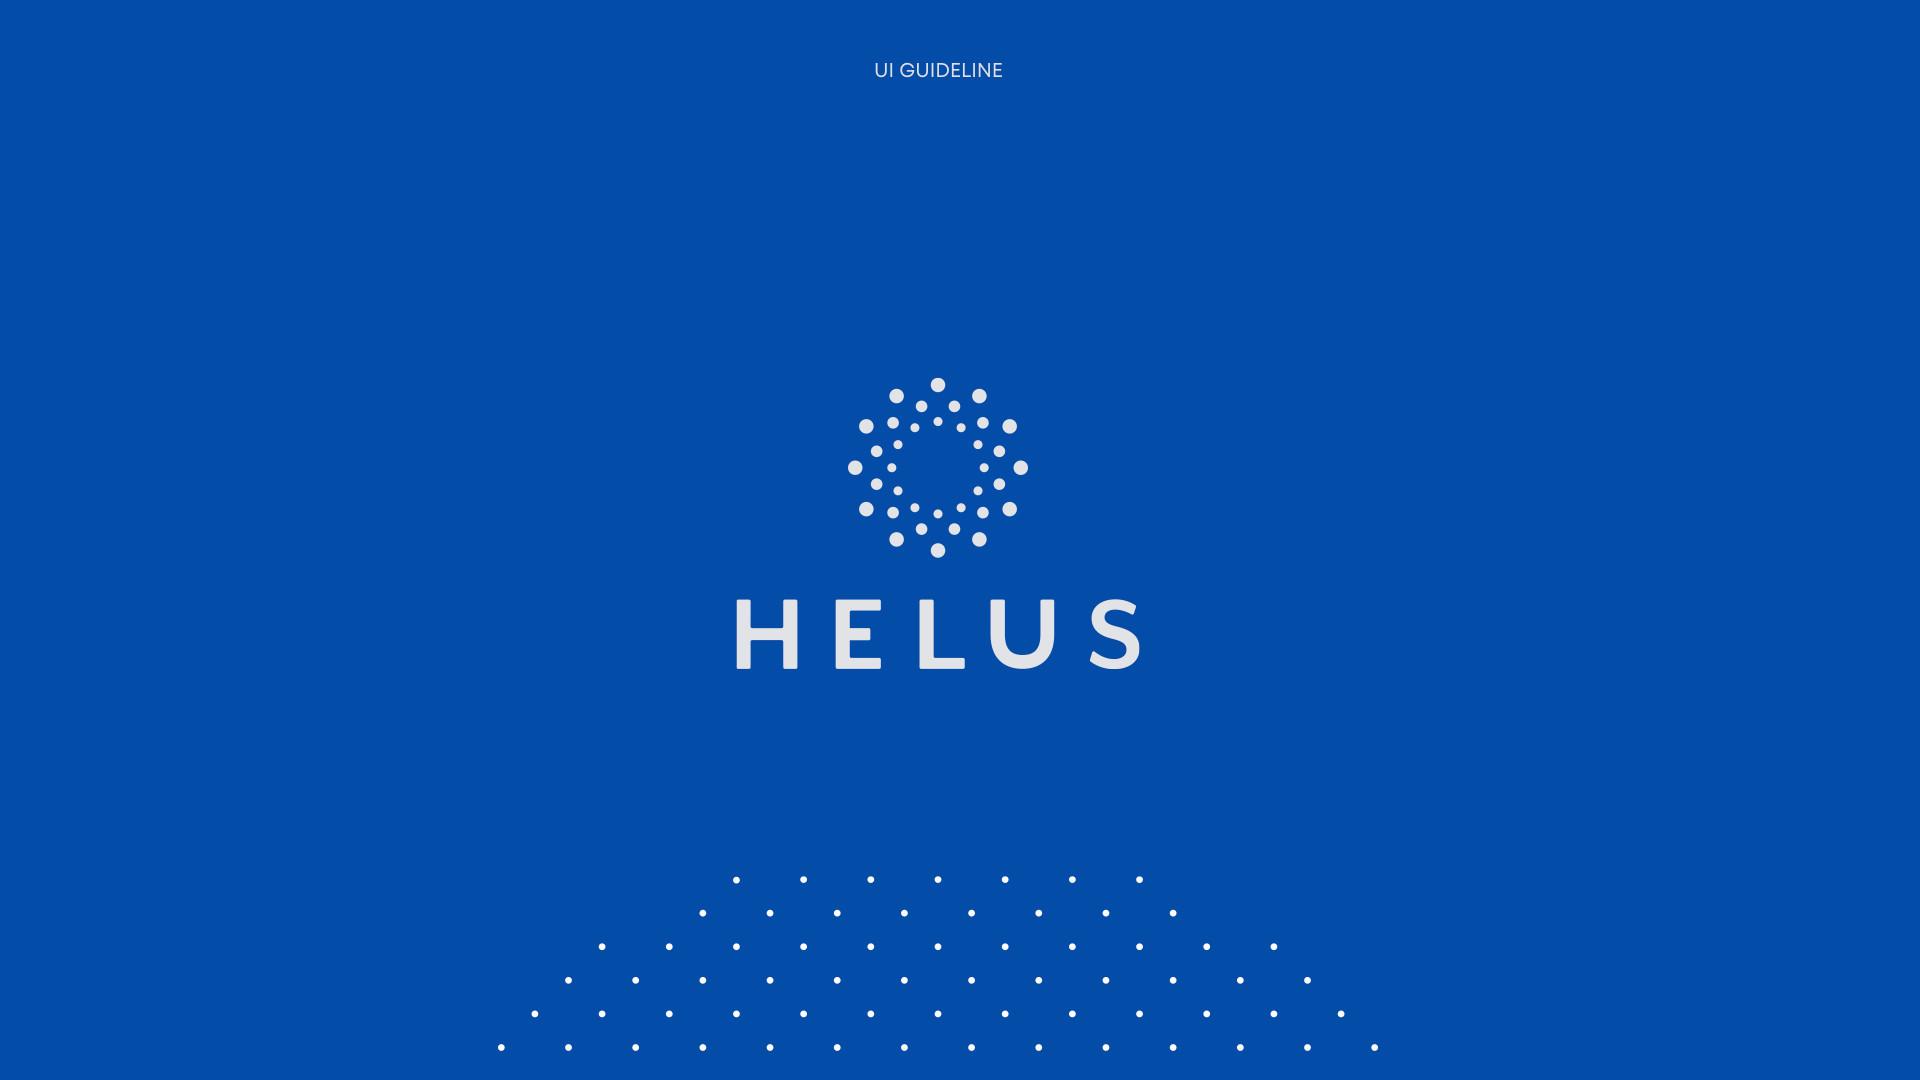 Helus_ui guideline_200323.001.jpeg